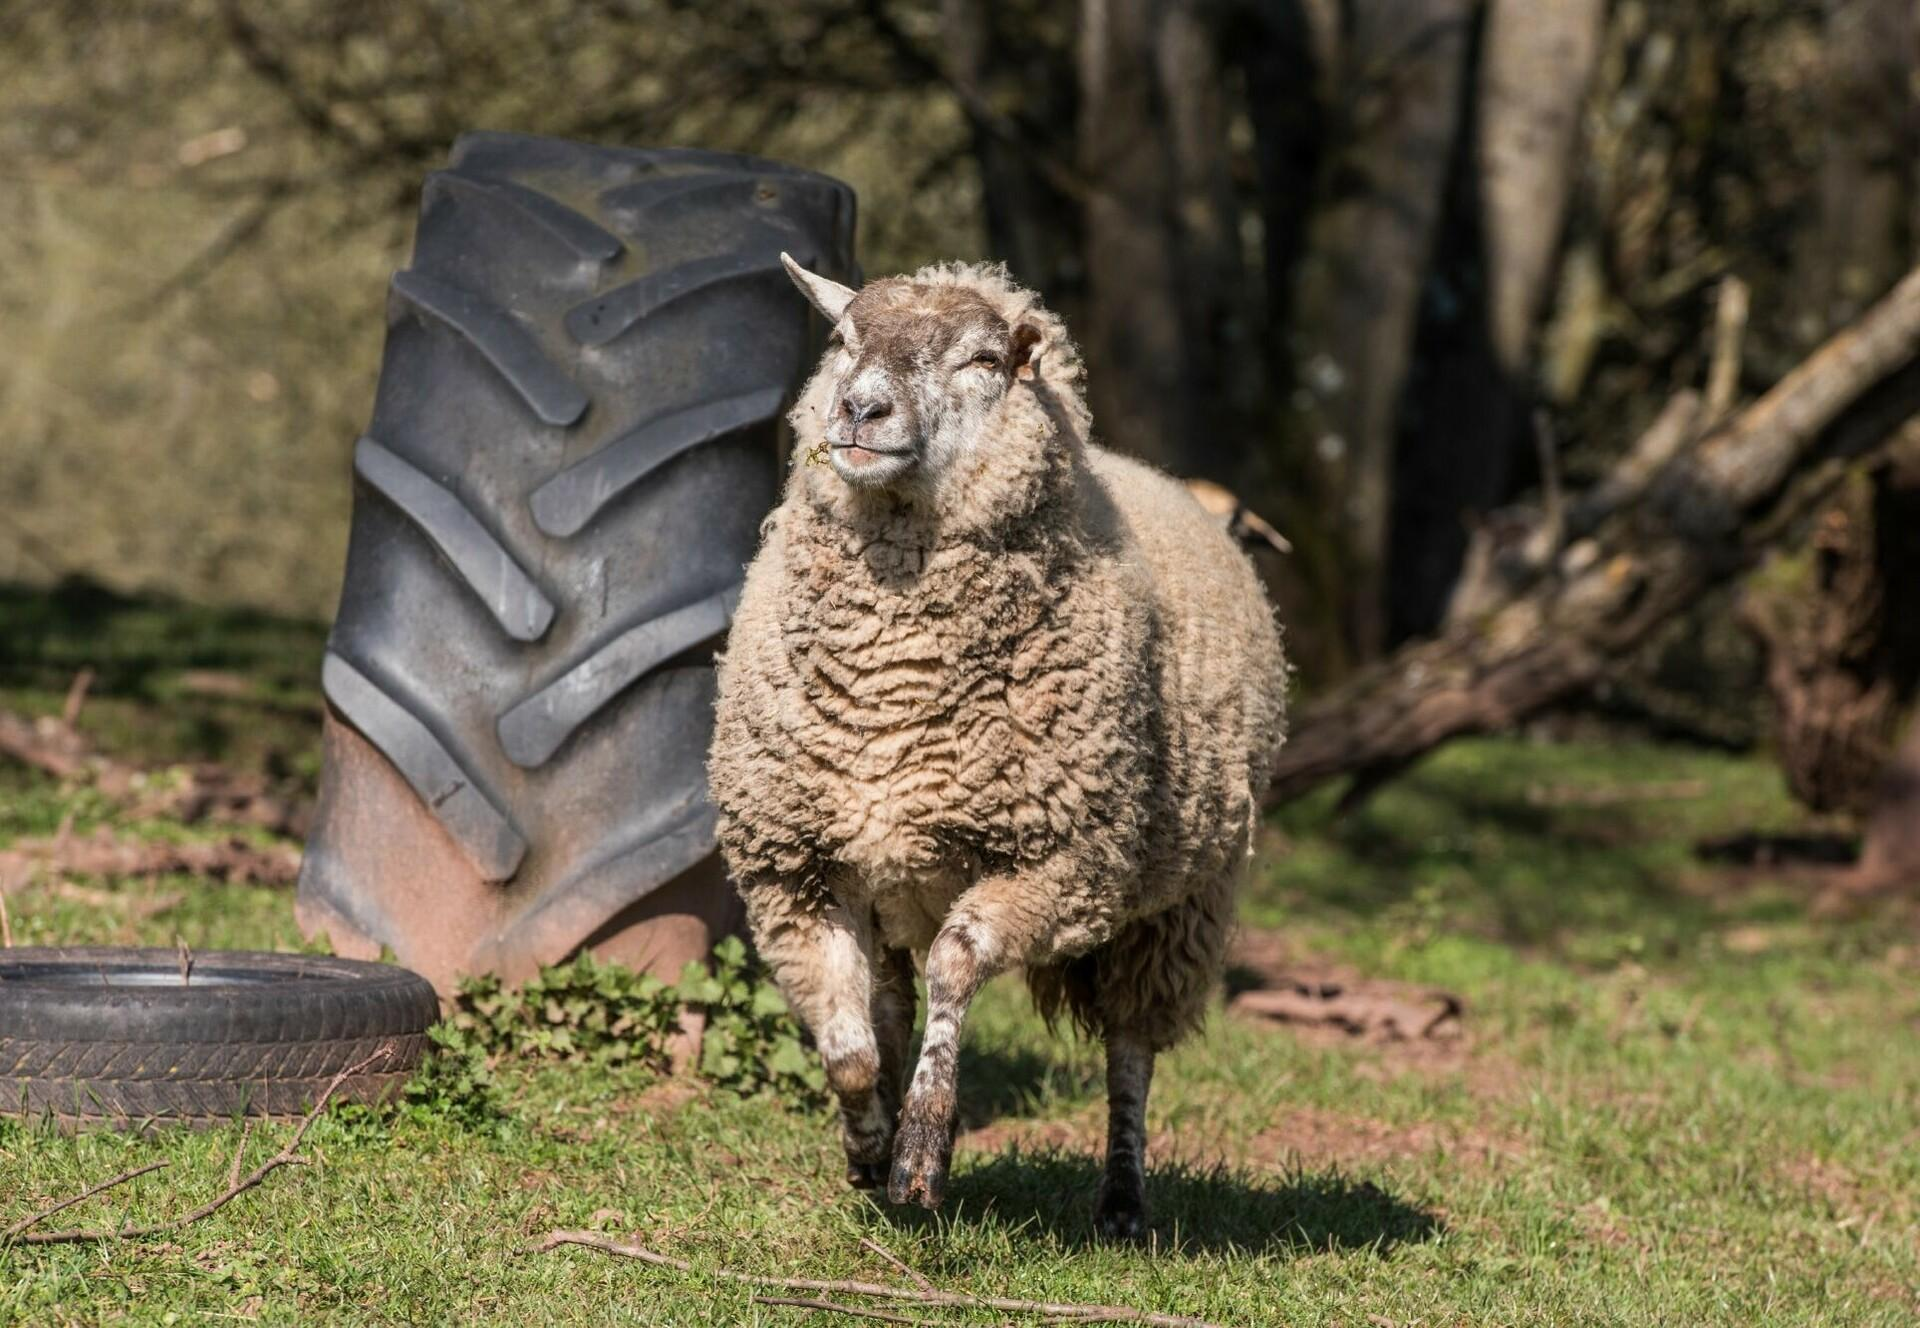 Un mouton dans la station de protection QUATRE PATTES TIERART